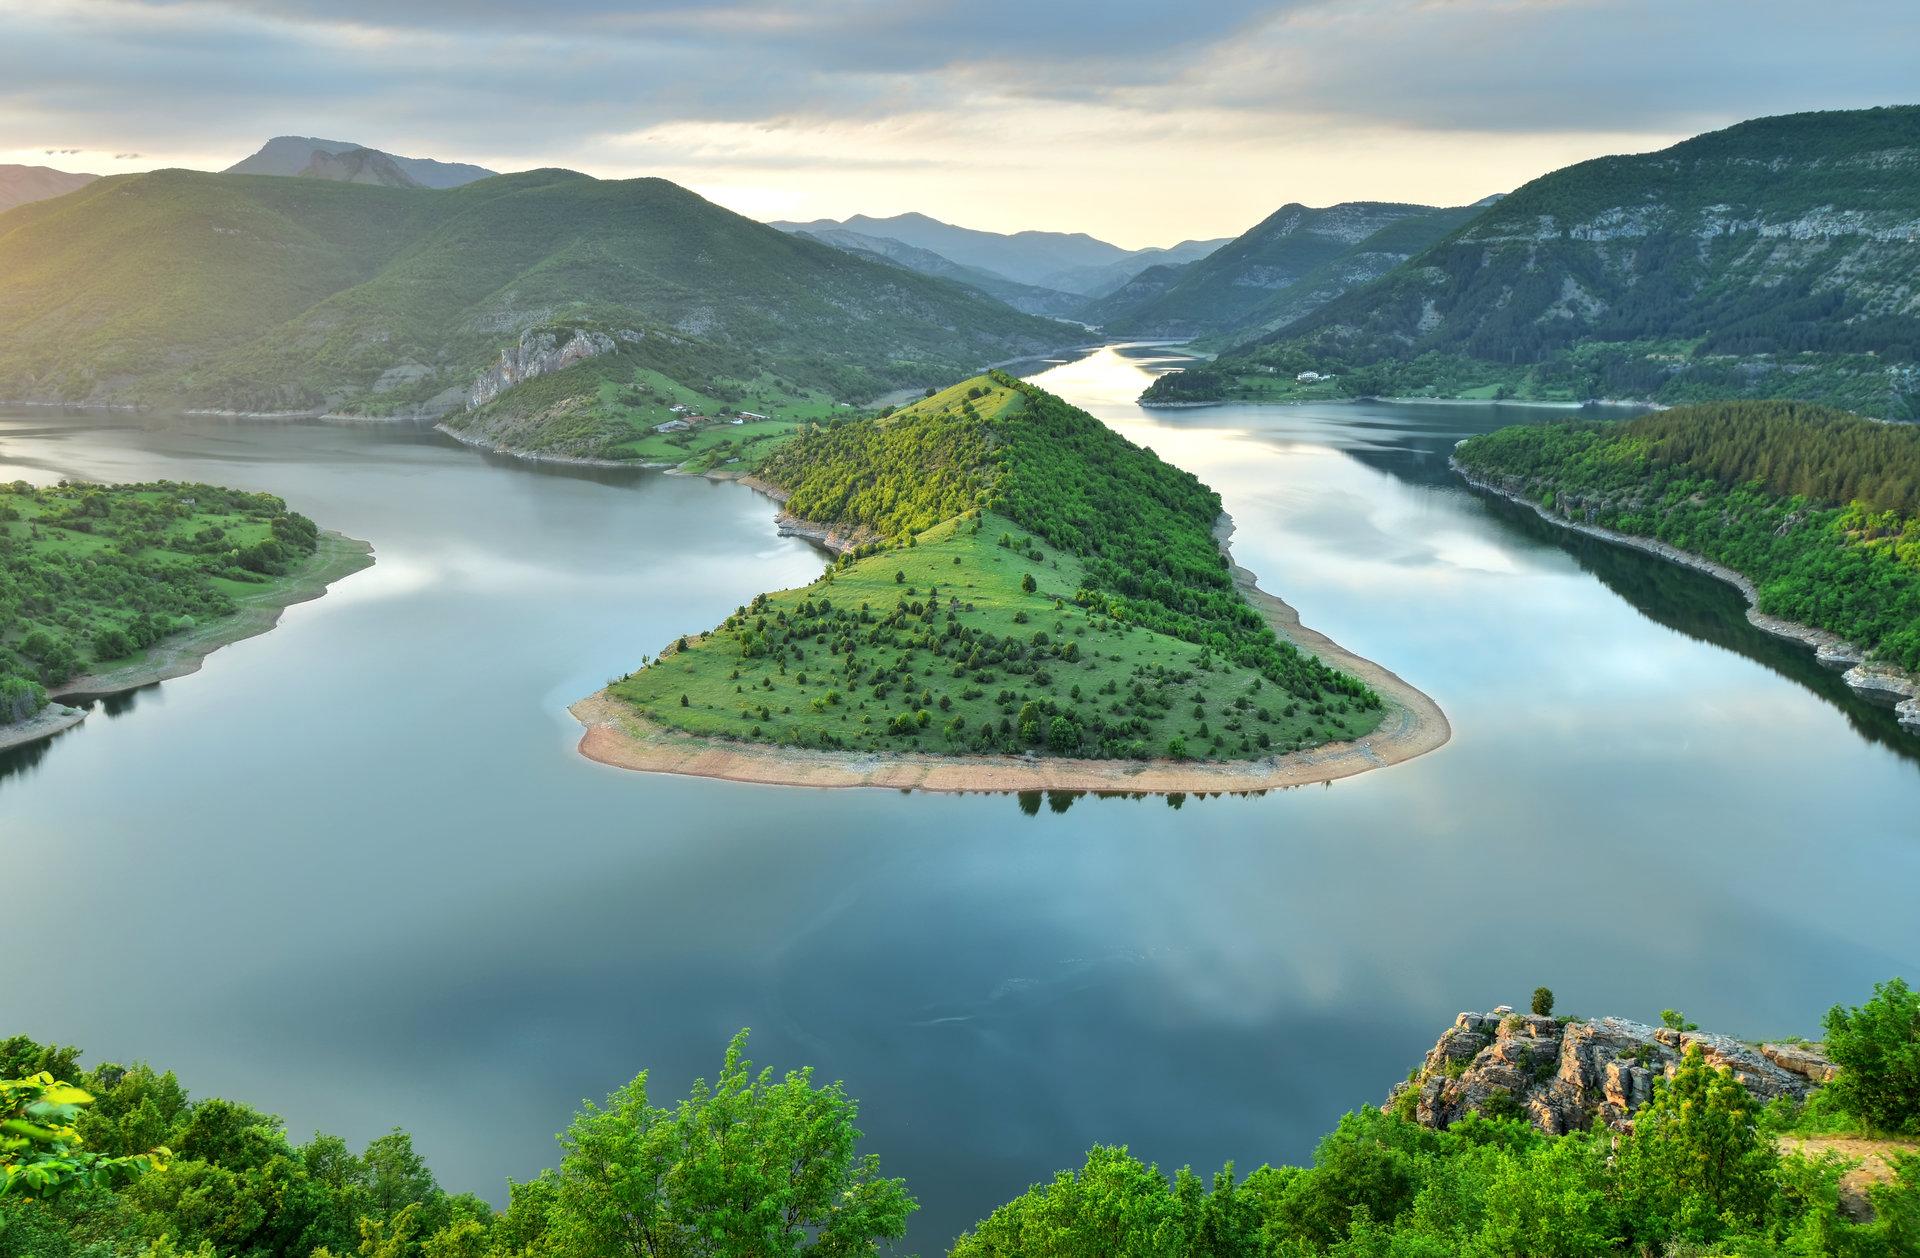 Завоят на яз. Кърджали преди с. Рибарци, Източни Родопи | Author calm | PHOTO FORUM